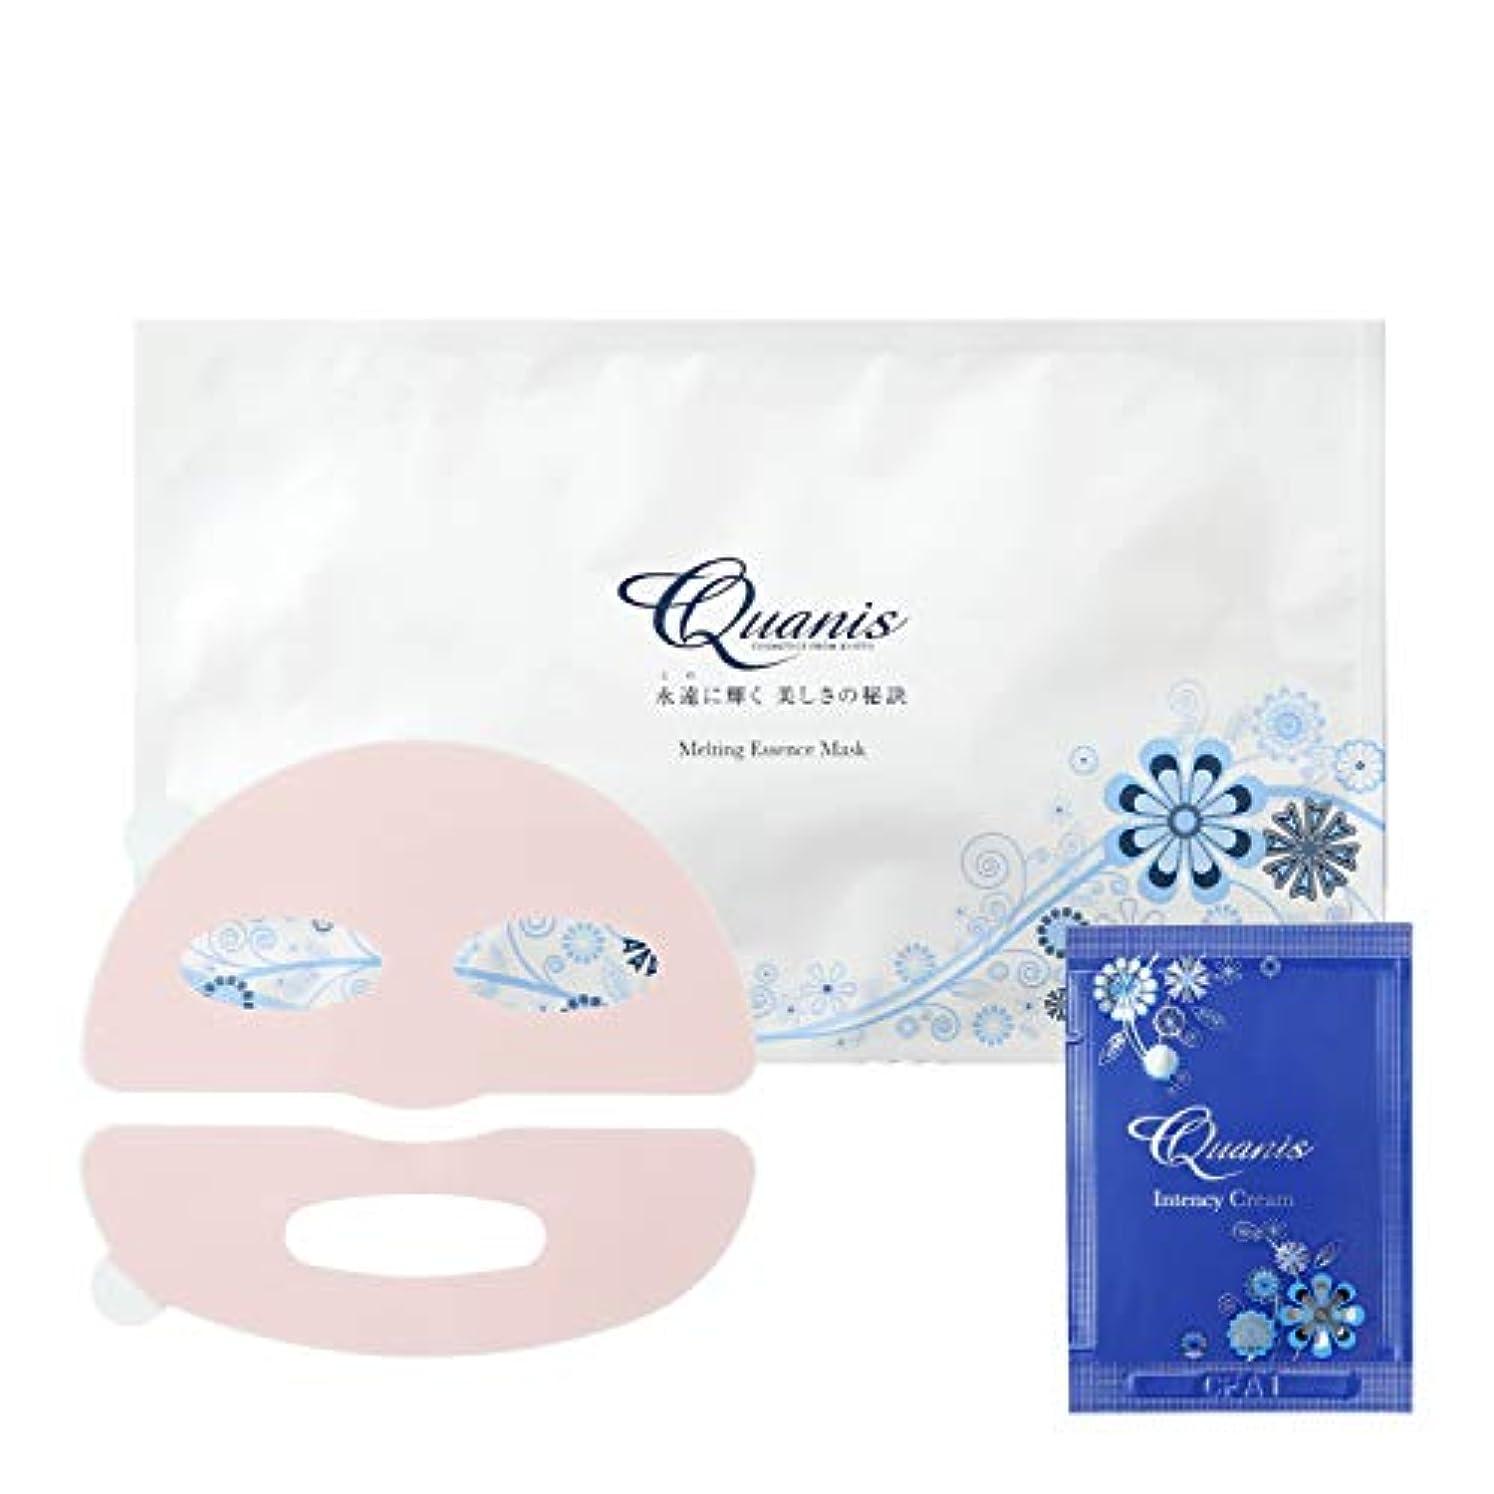 足首肯定的実用的Quanis (クオニス) メルティングエッセンスマスク [温感フェイスマスク パック] ヒアルロン酸配合/100%美容液 とろけるマスク (パックシート×1枚+アイクリームセット)